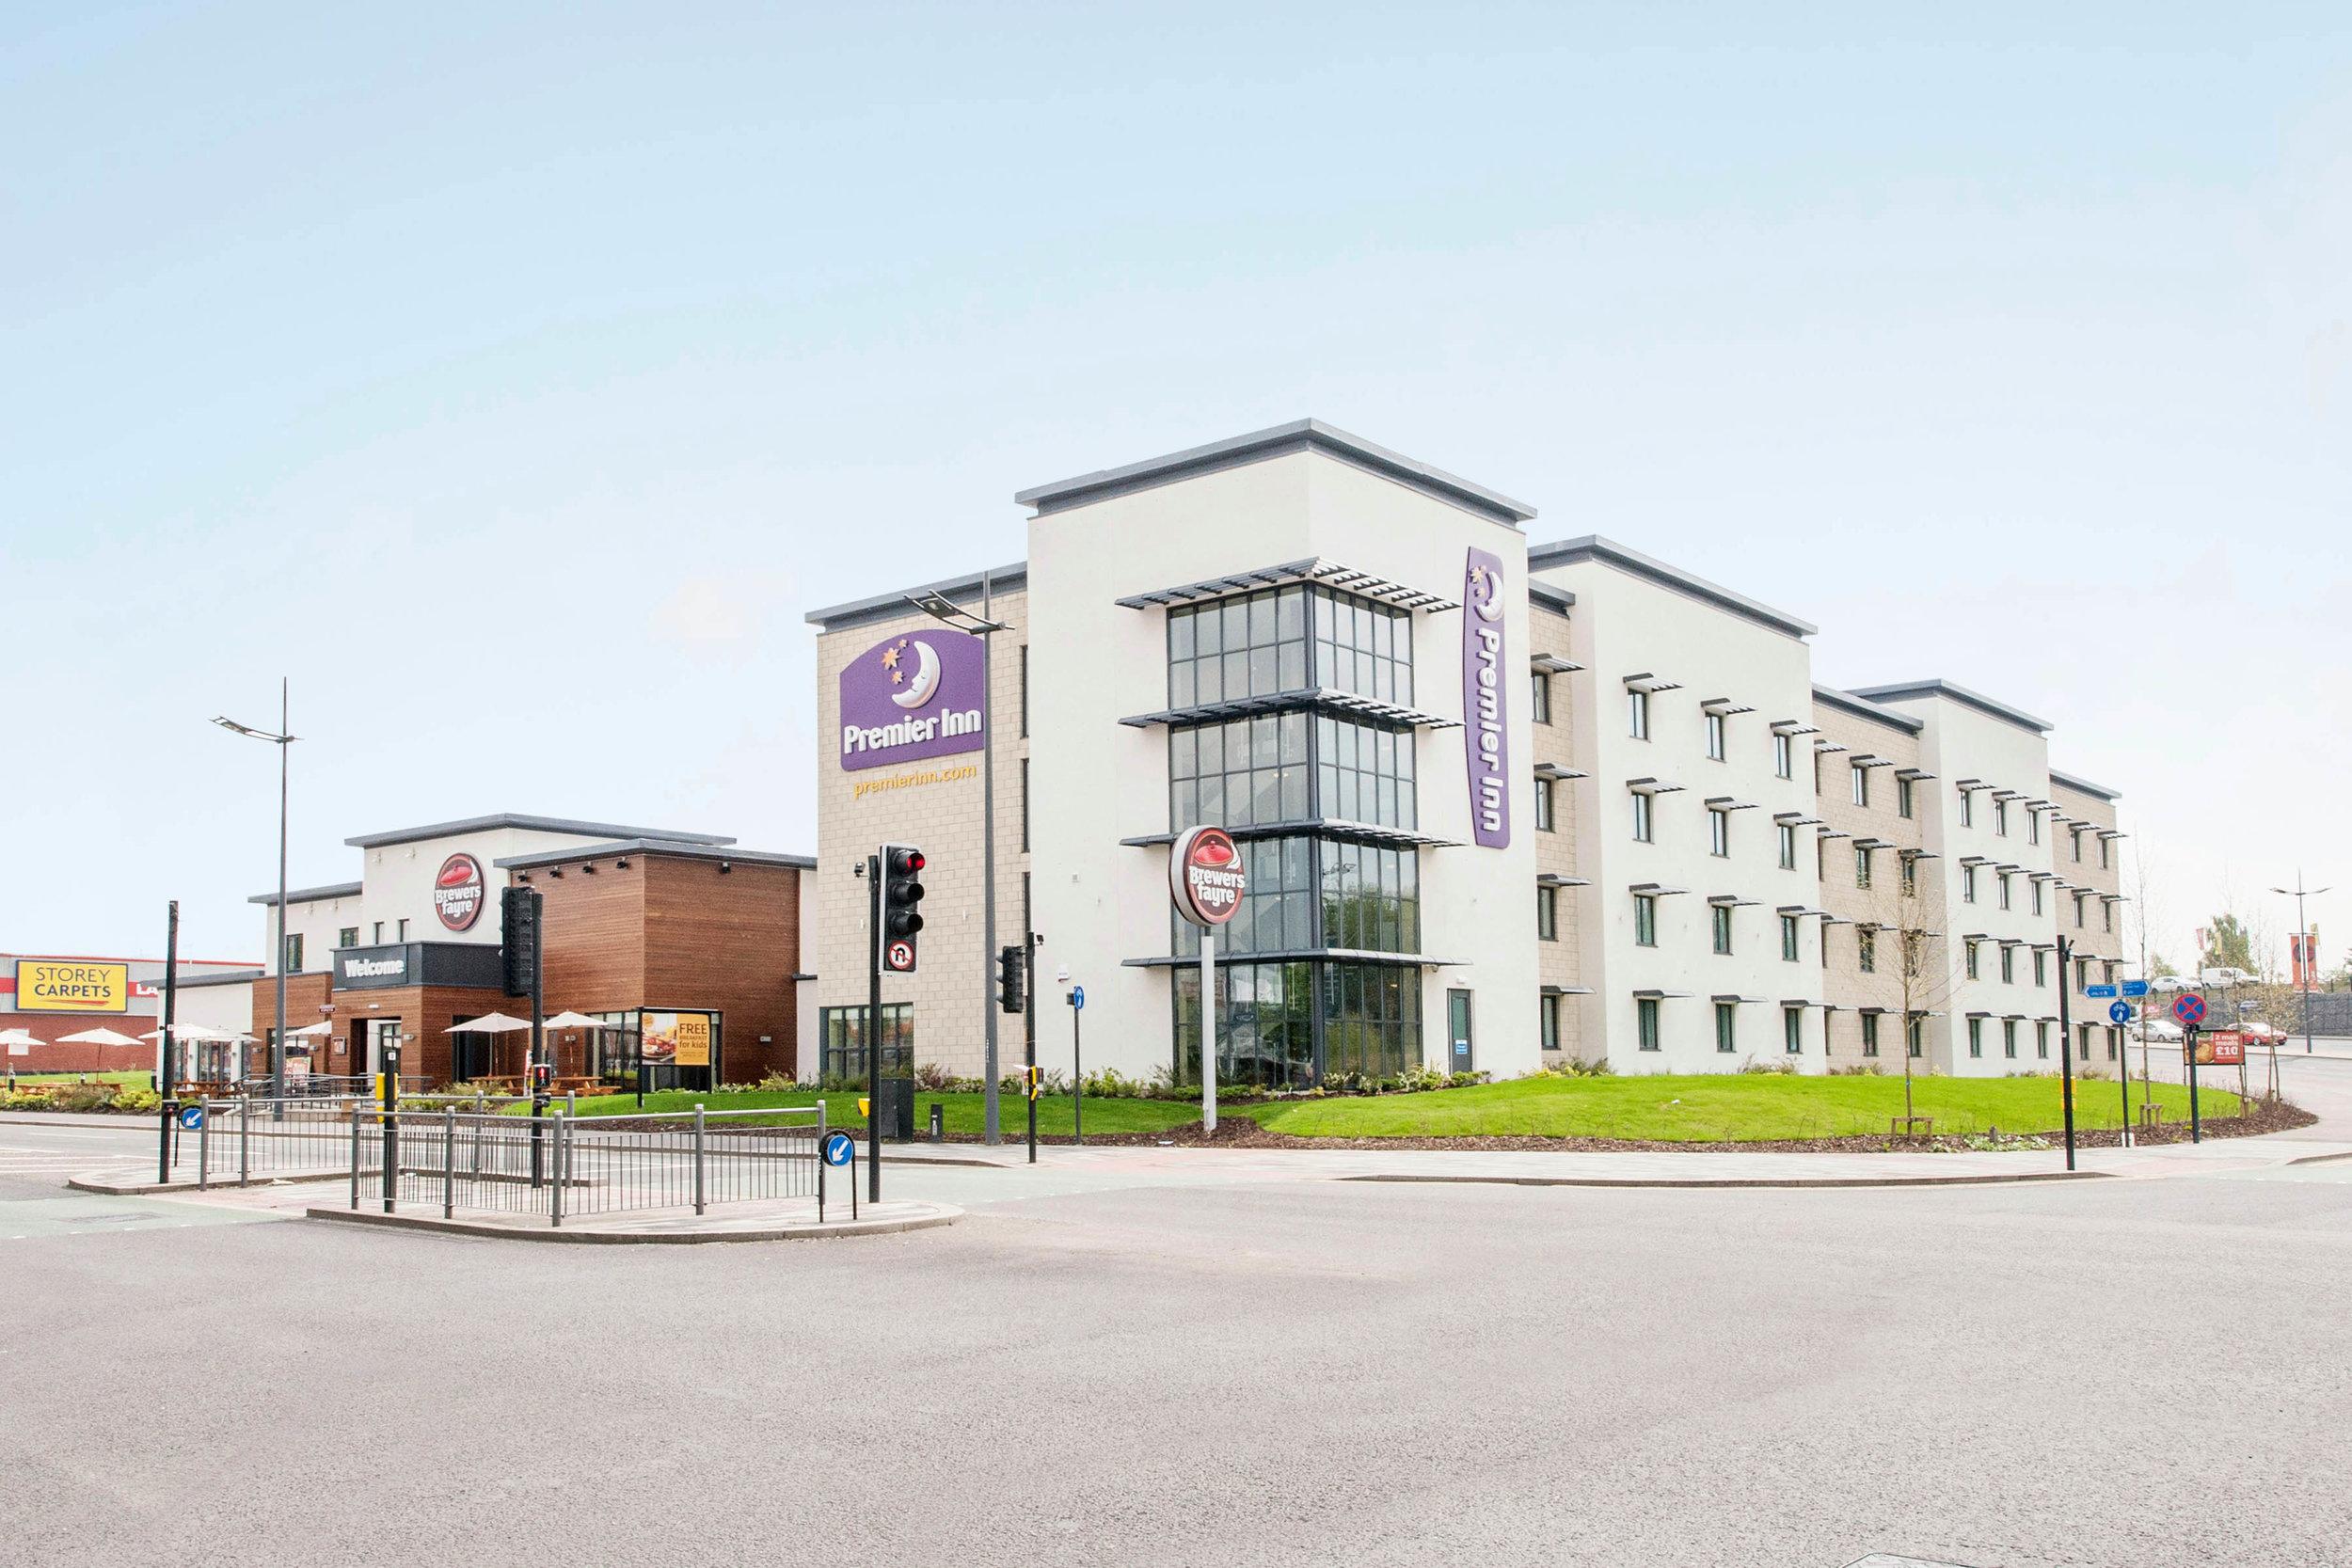 Premier Inn: Hanley